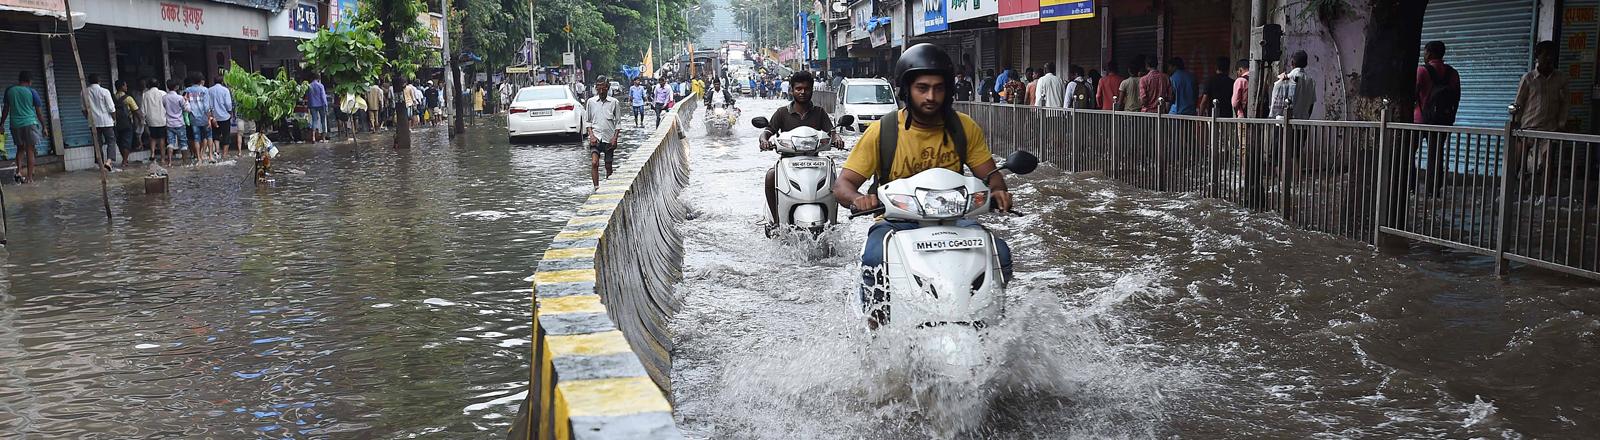 Mumbai kämpft mit Regenmassen. Eine Straße steht komplett unter Wasser, zwei Mopedfahhrer bahnen sich den Weg (30.08.2017) (.